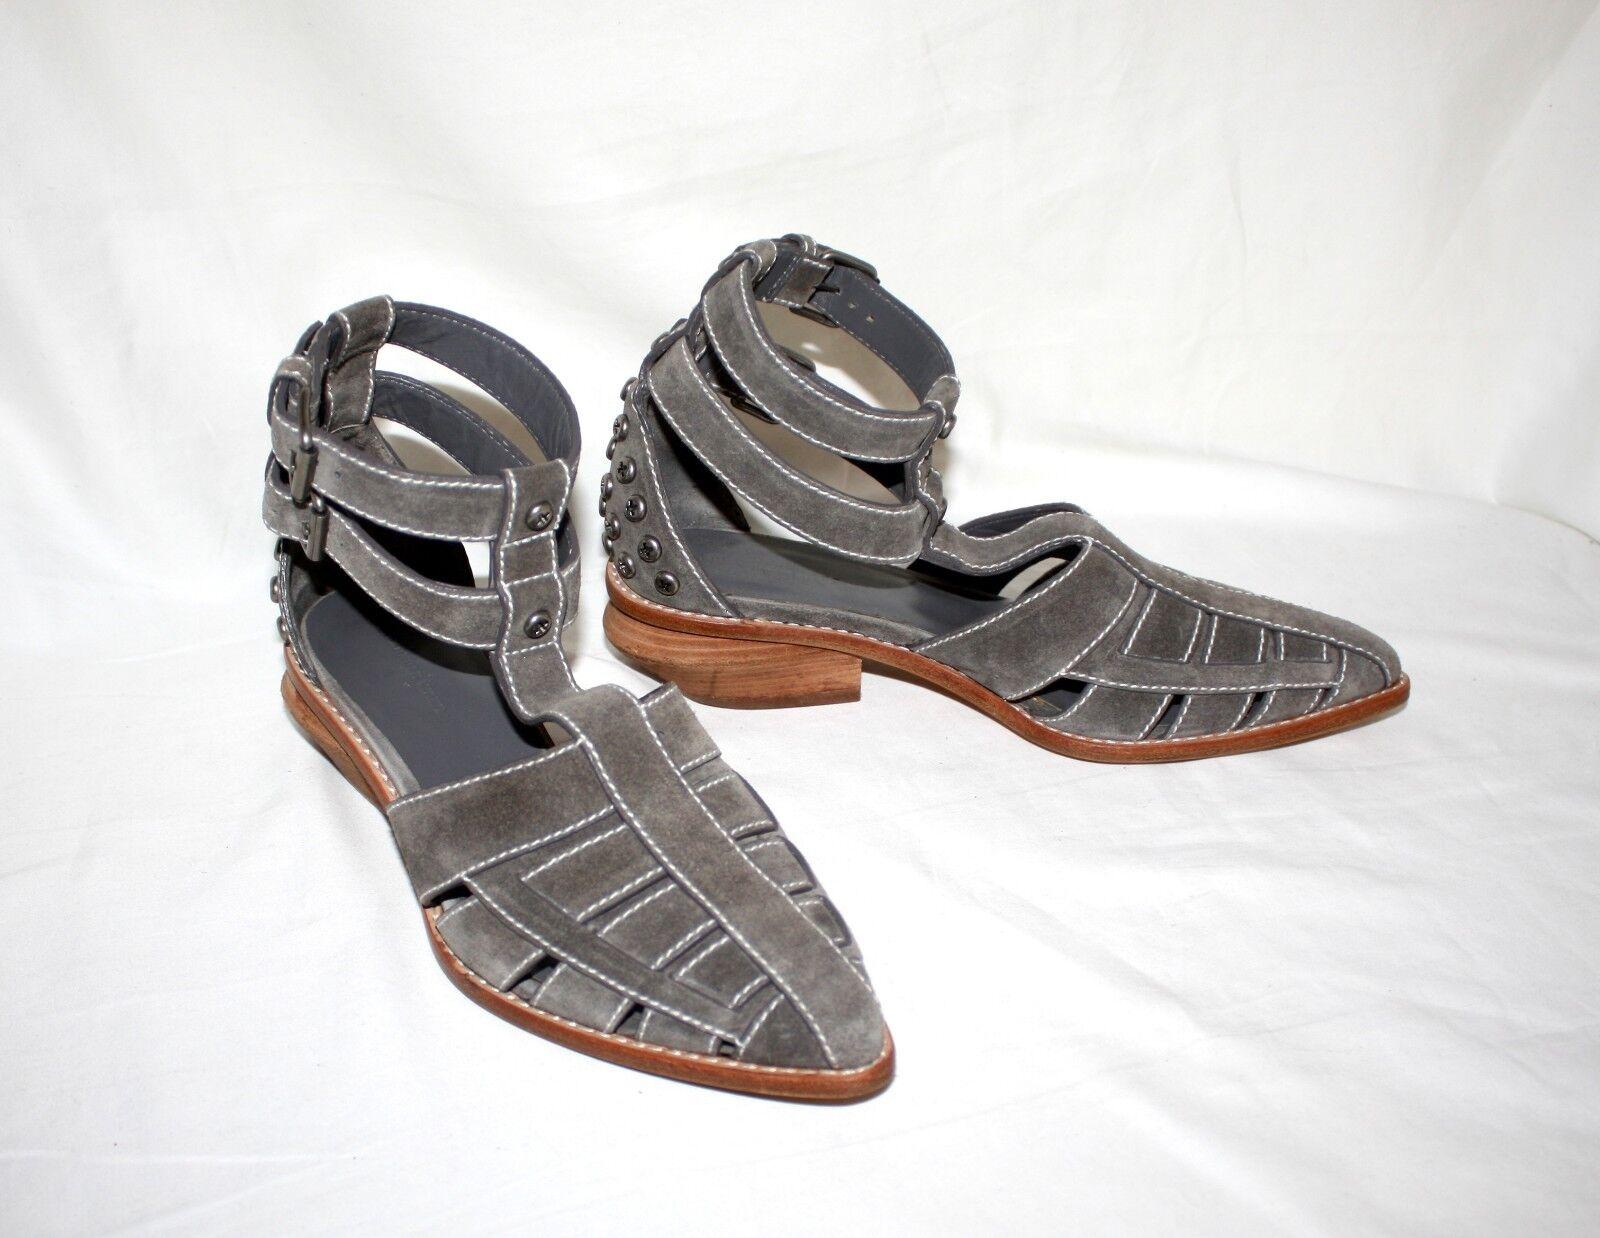 Alexander Wang gris Taupe Doble Hebilla Correa en el el el tobillo zapatos talla 37 6.5 - 7  exclusivo